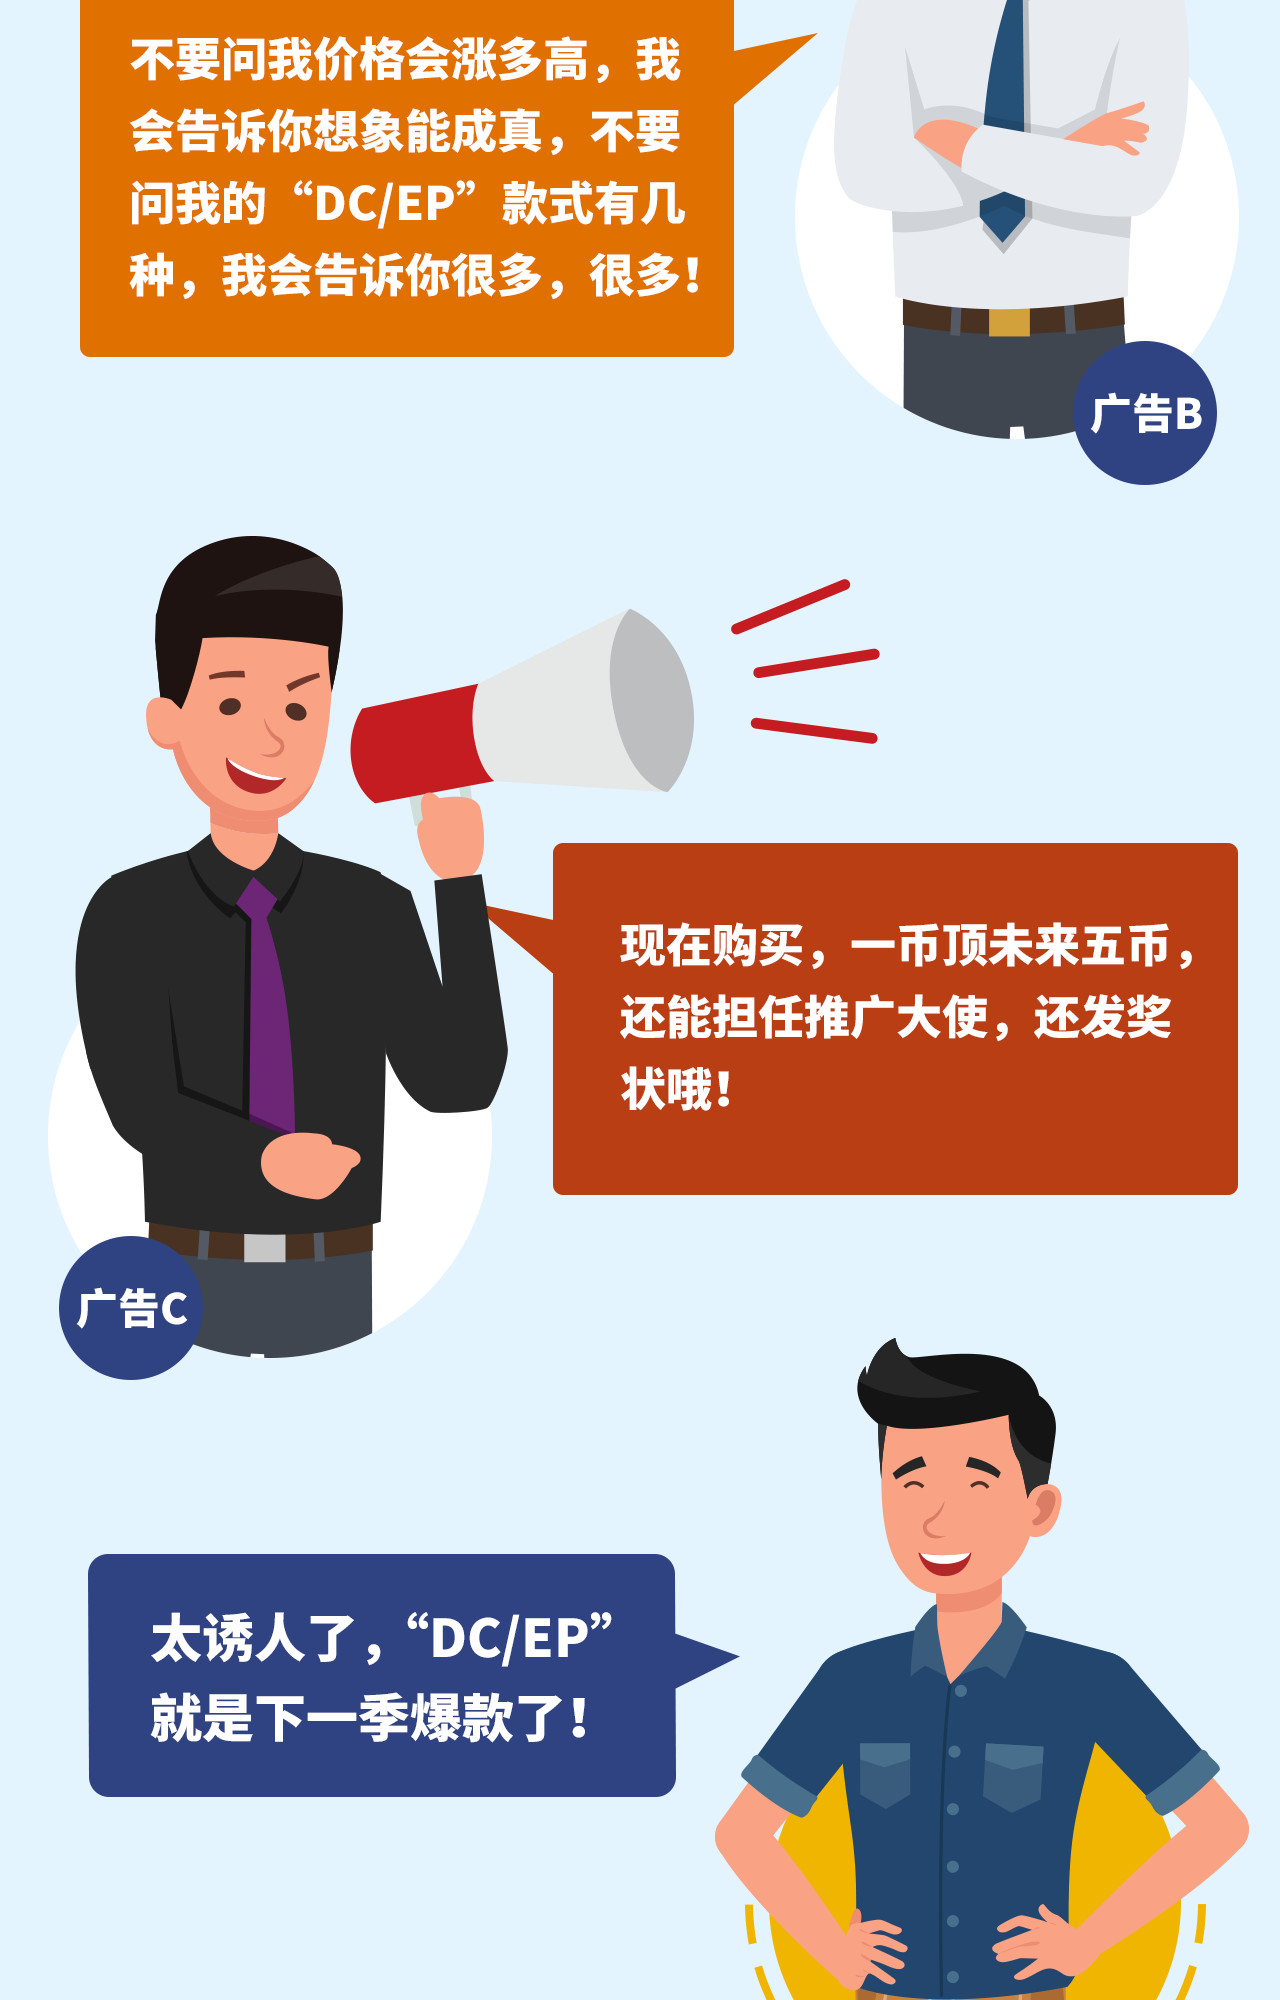 中��人民�y行:�假央行�底重��判杈�惕